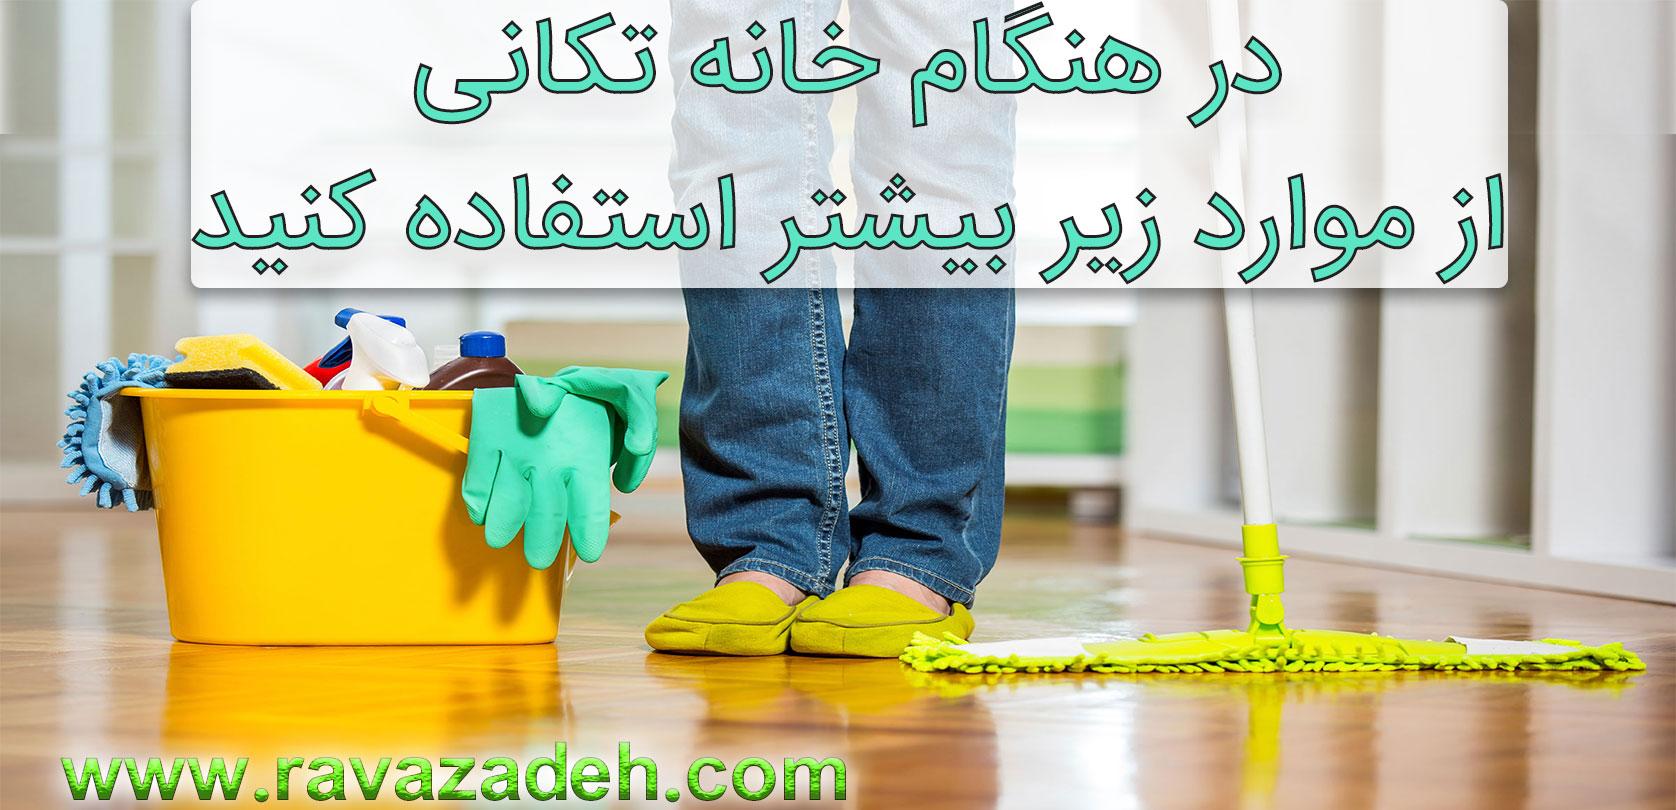 Photo of در هنگام خانه تکانی از موارد زیر بیشتر استفاده کنید